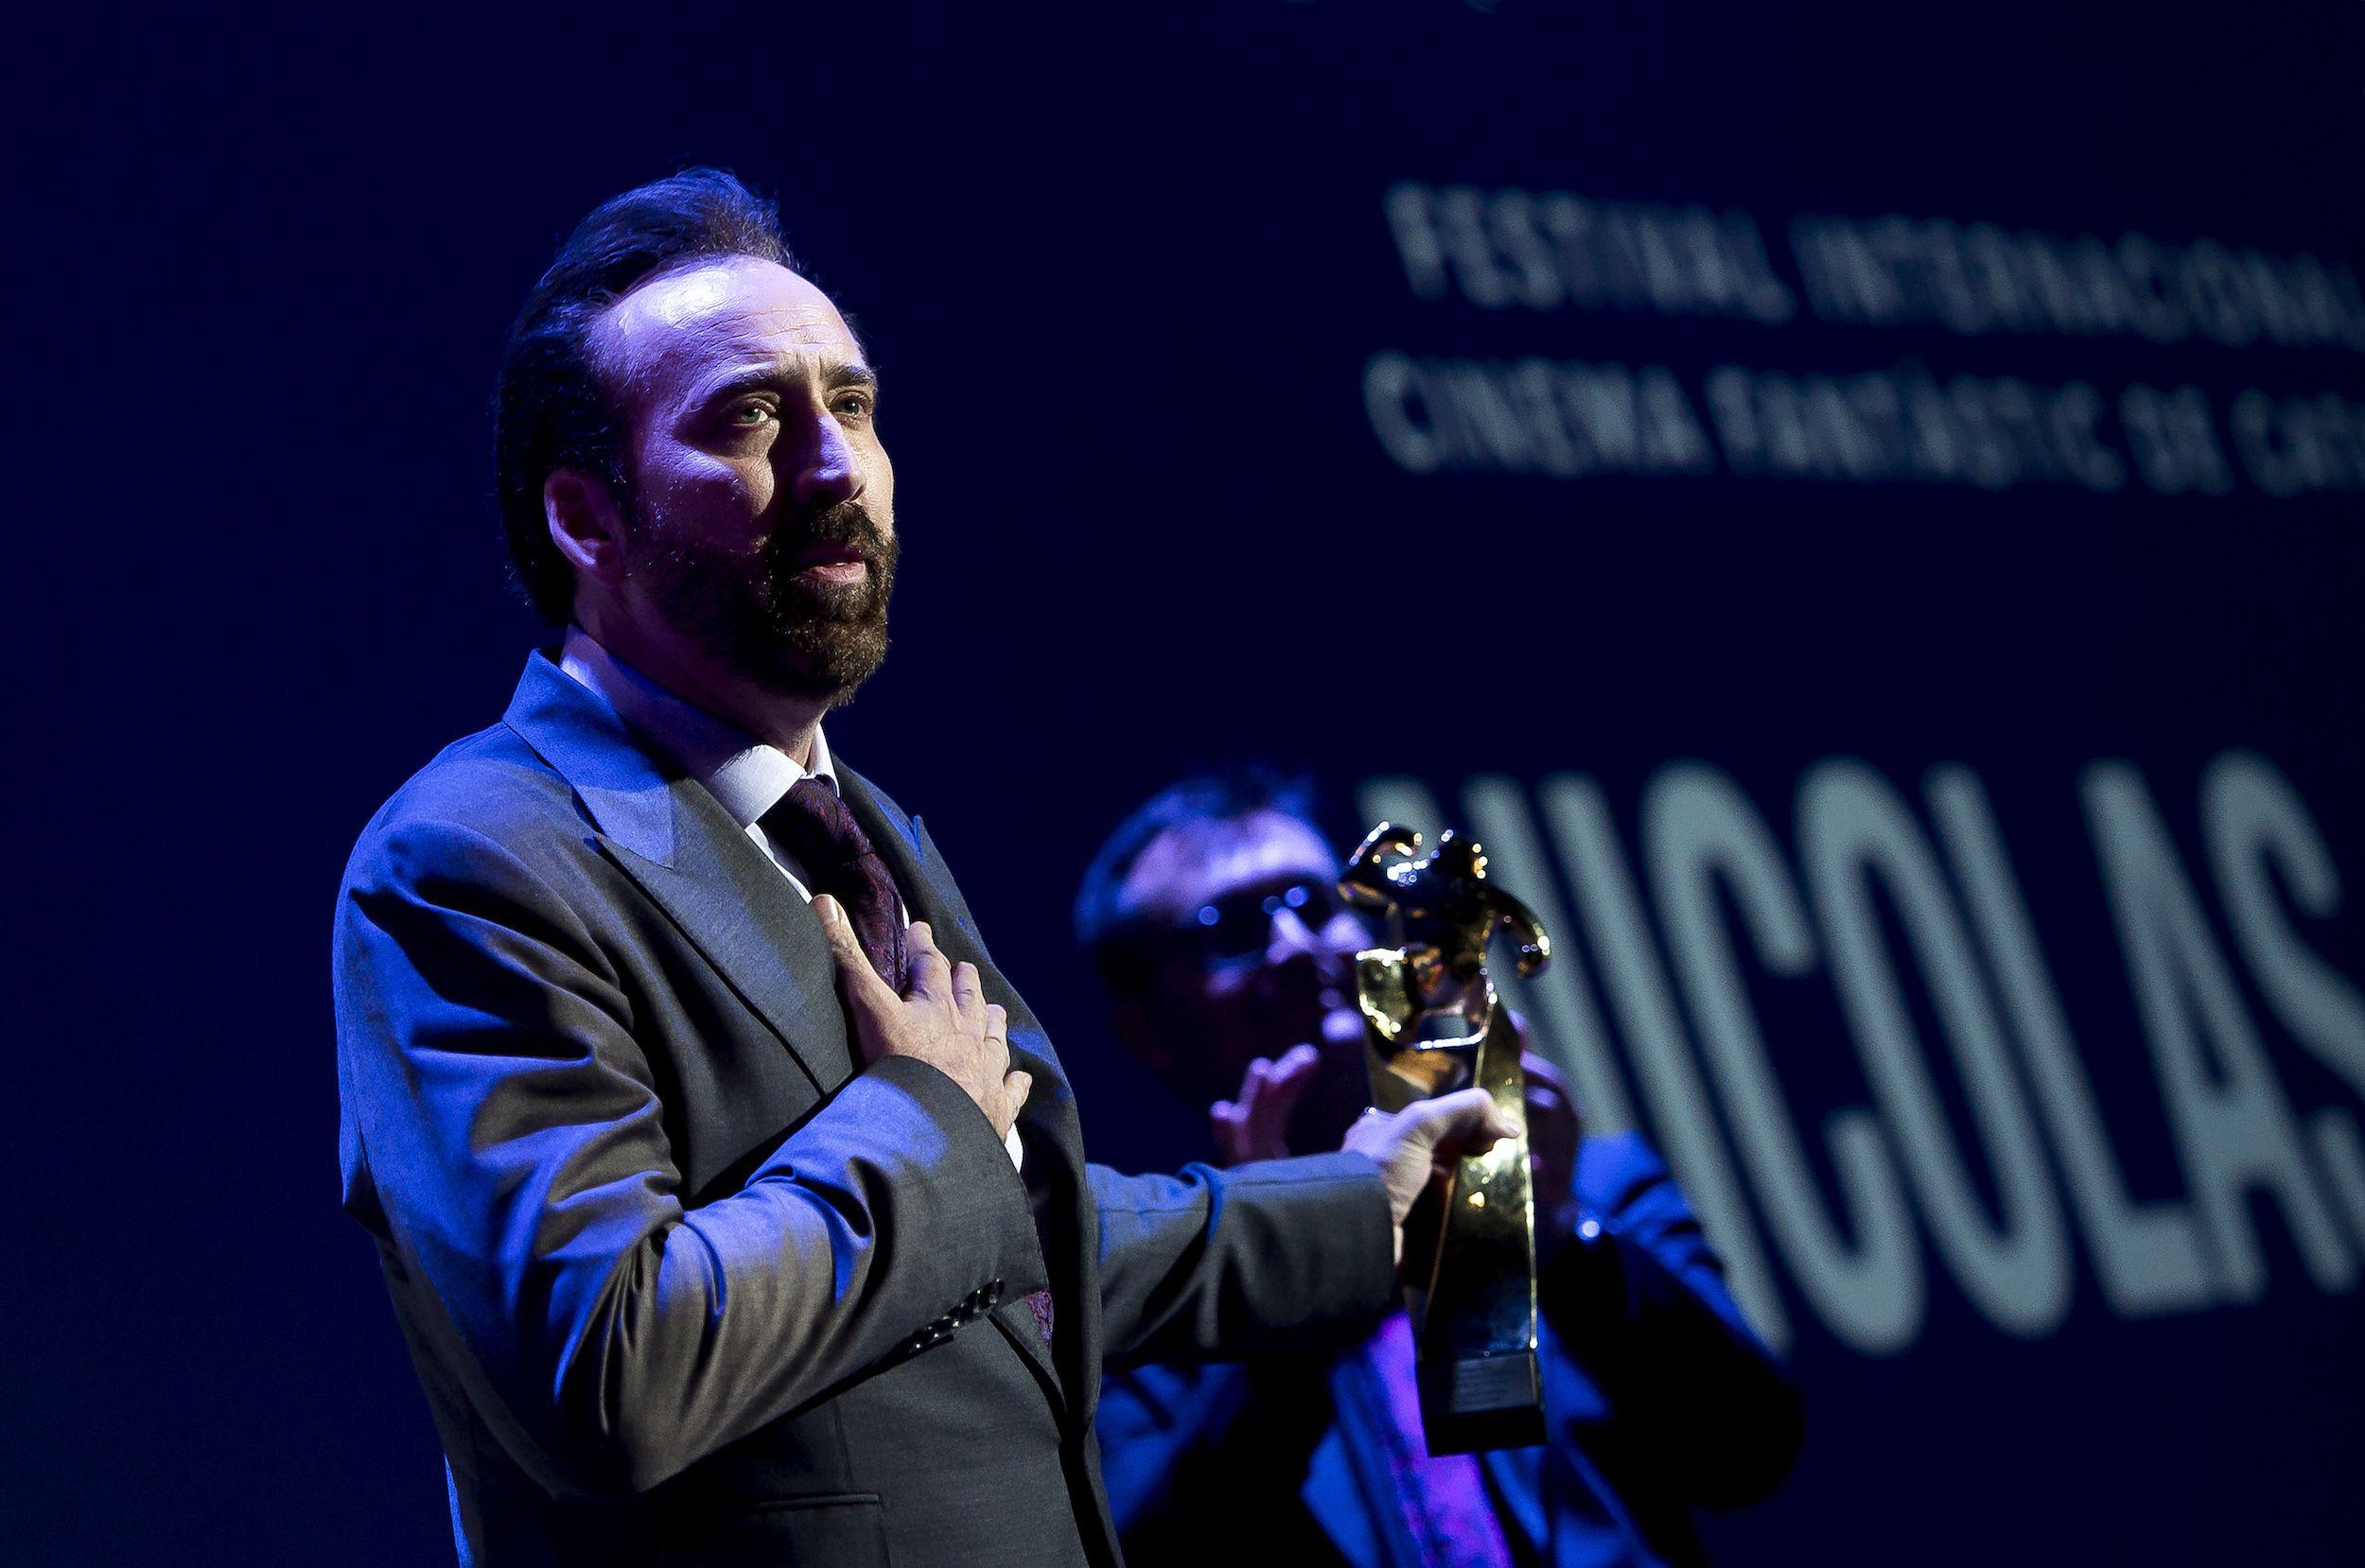 Nicolas Cage podría interpretarse a sí mismo en su próxima película